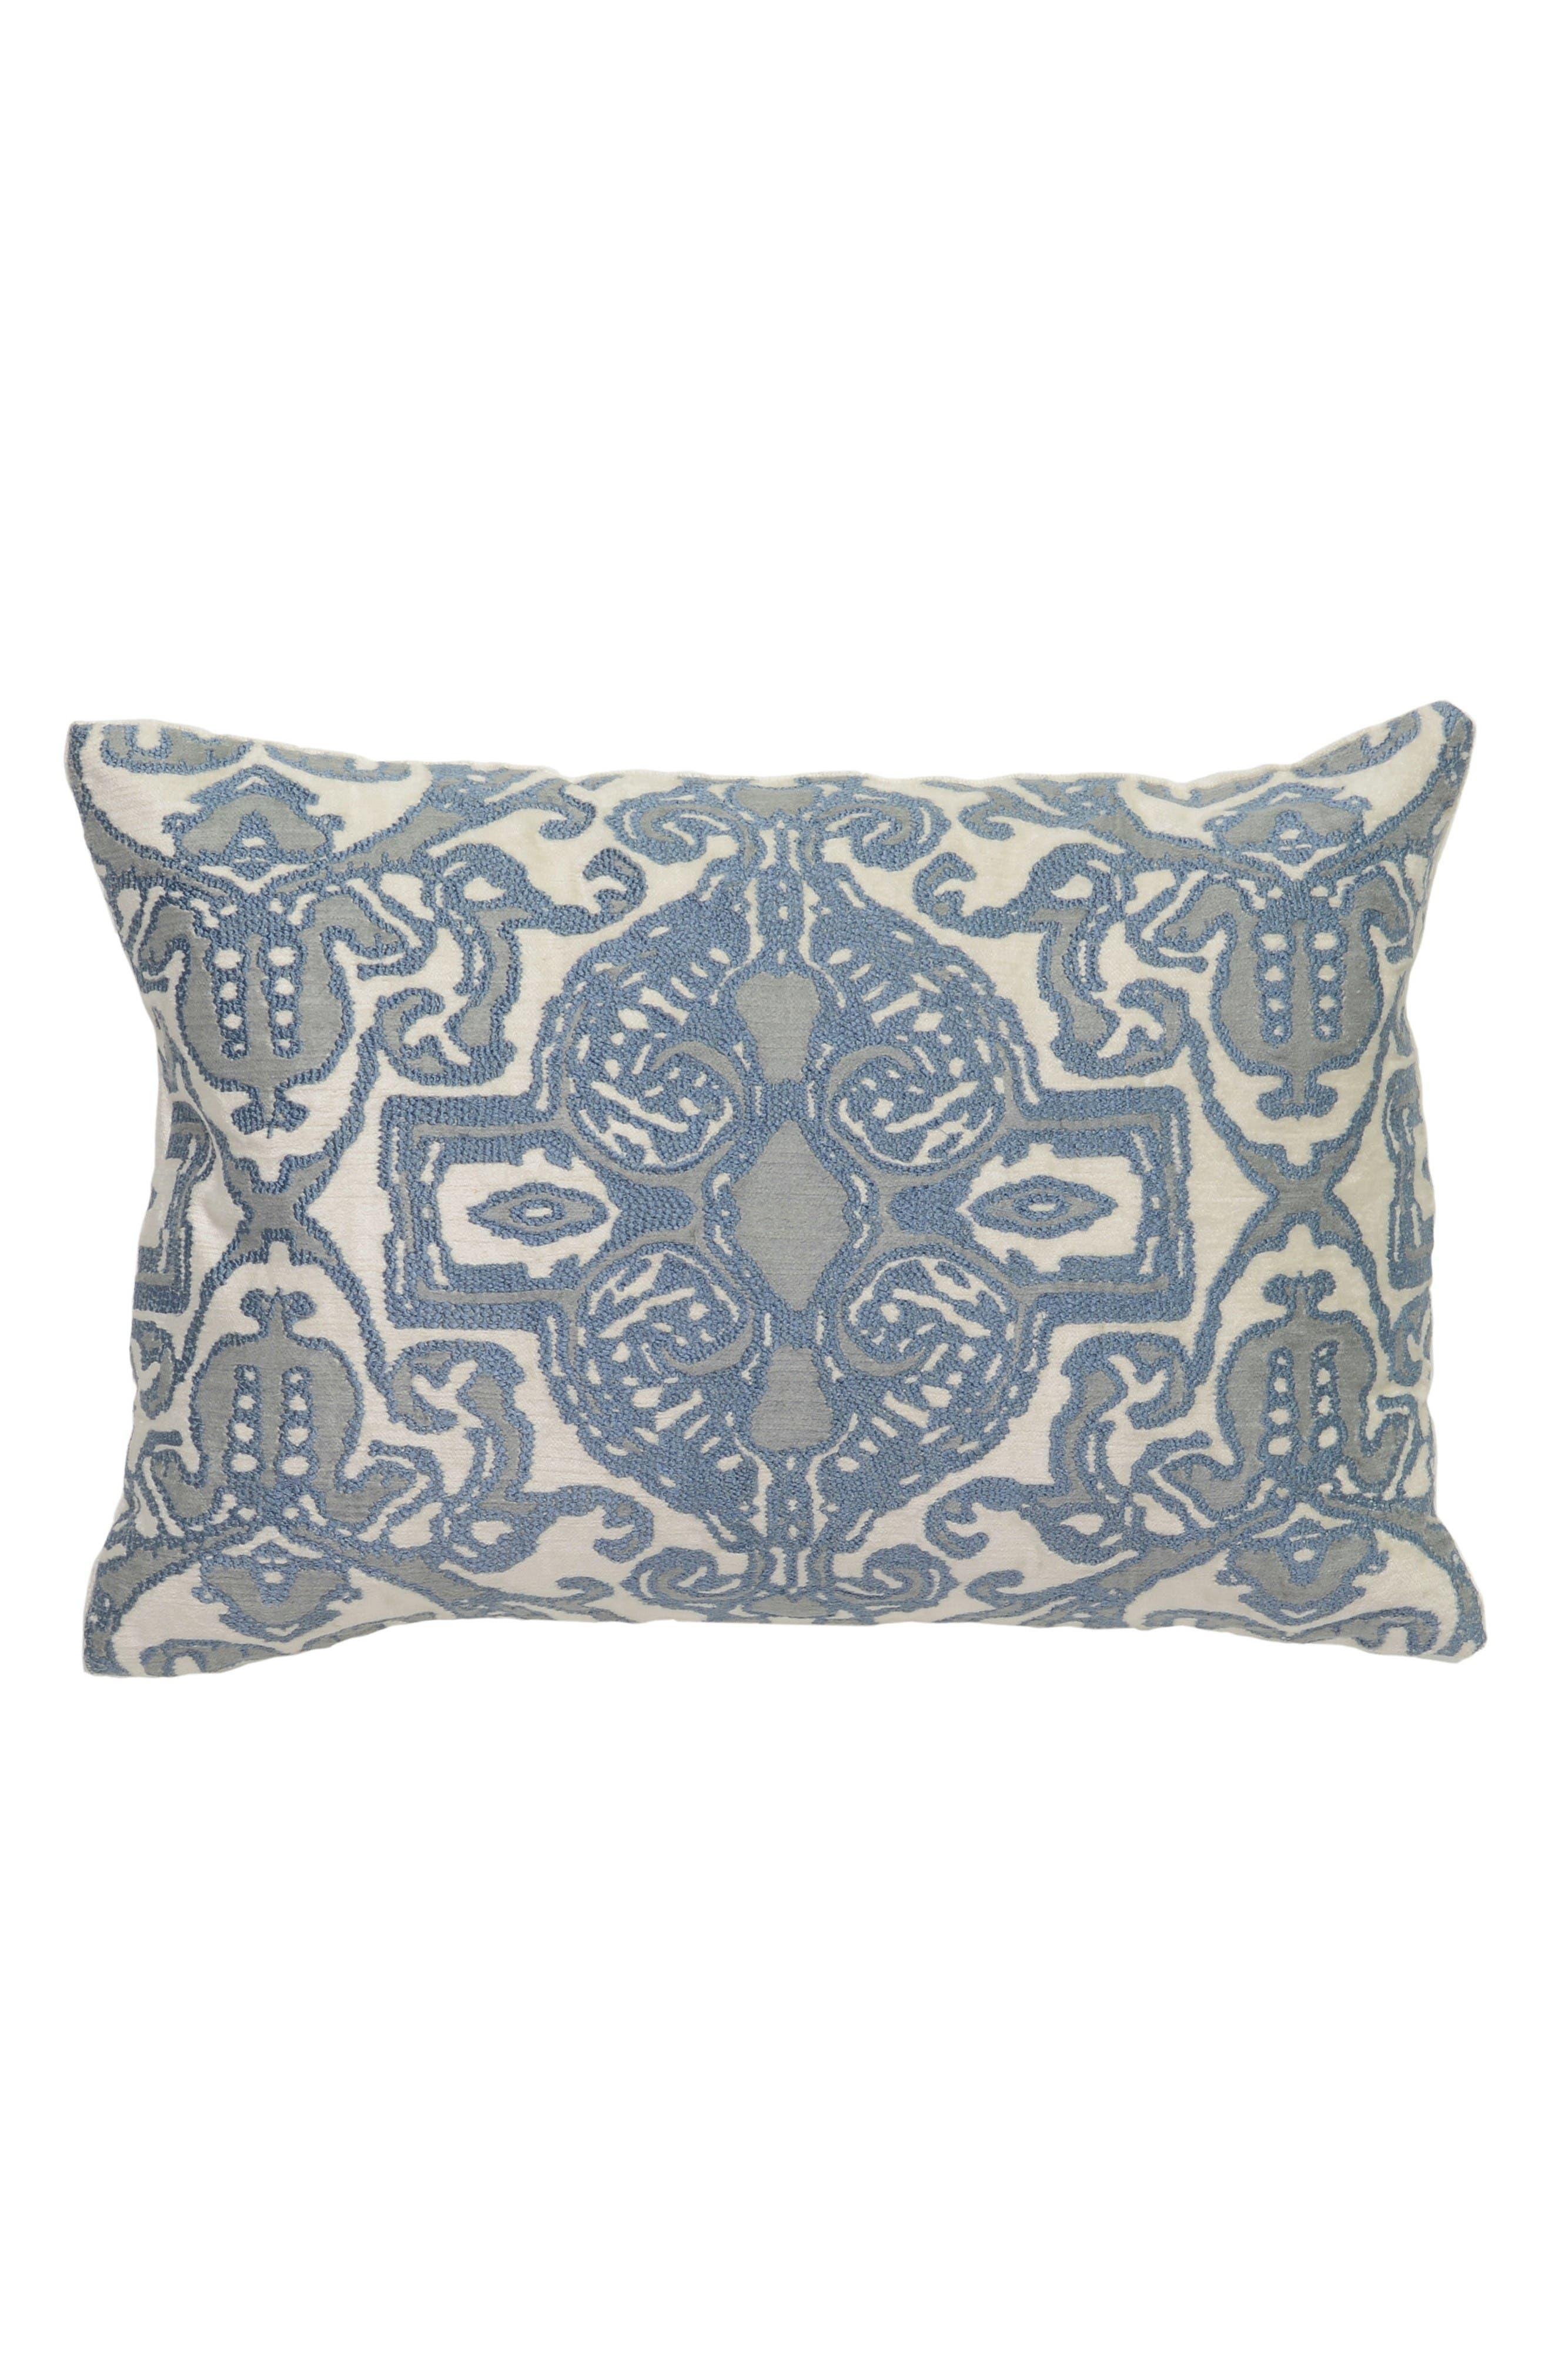 Lois Harbour Pillow,                         Main,                         color, Blue/ Brown